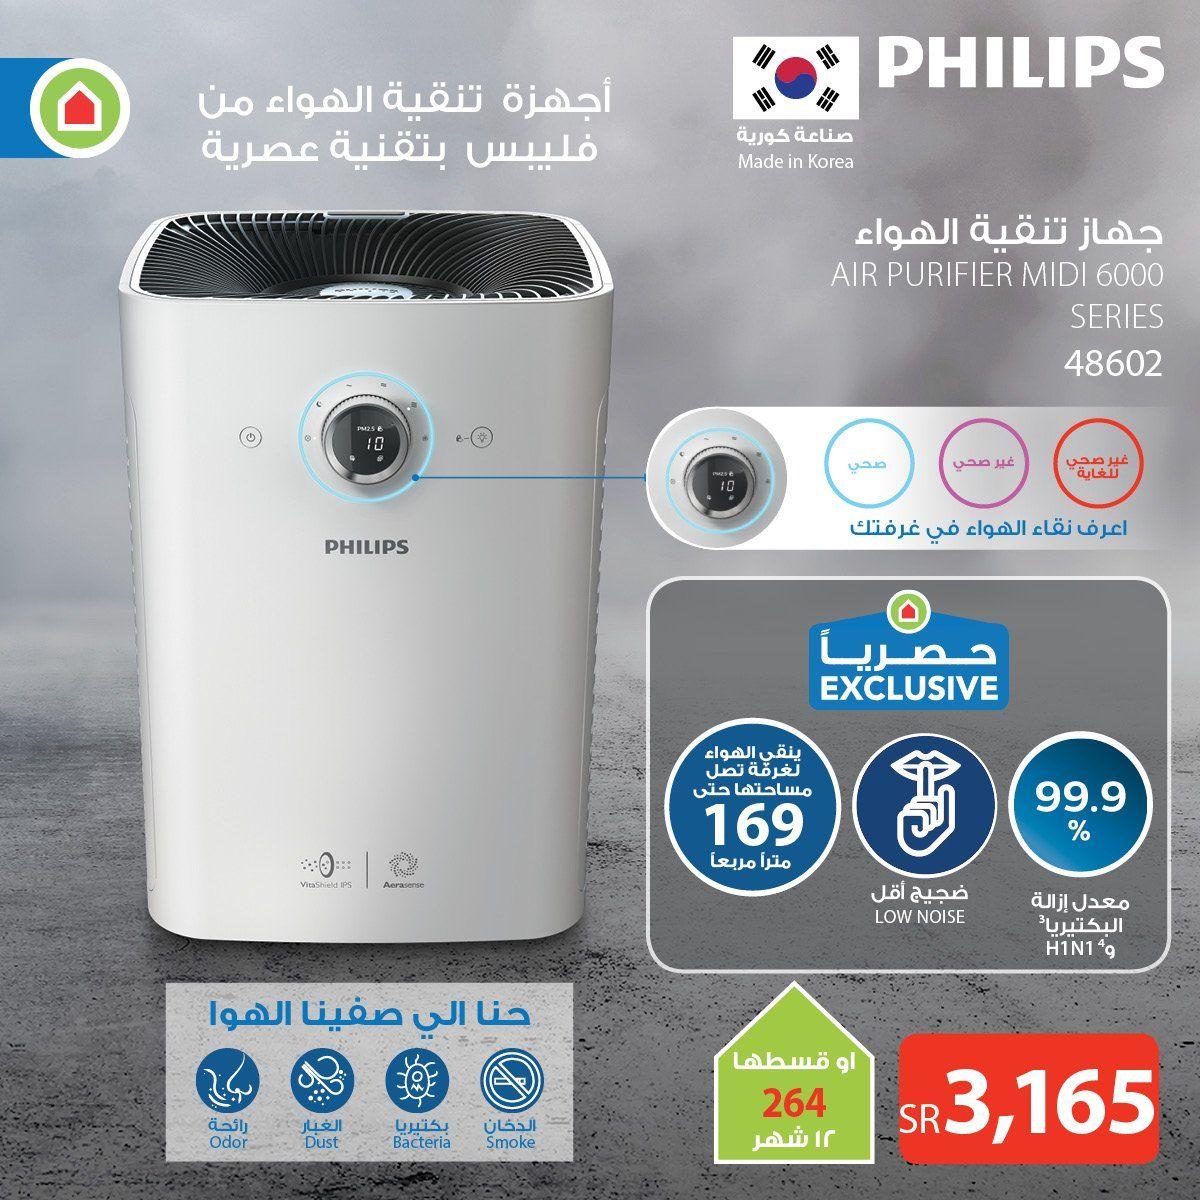 عروض ساكو السعودية علي جهاز تنقية الهواء ليوم الاثنين 8 أكتوبر 2018 عروض اليوم Air Purifier Laundry Machine Purifier